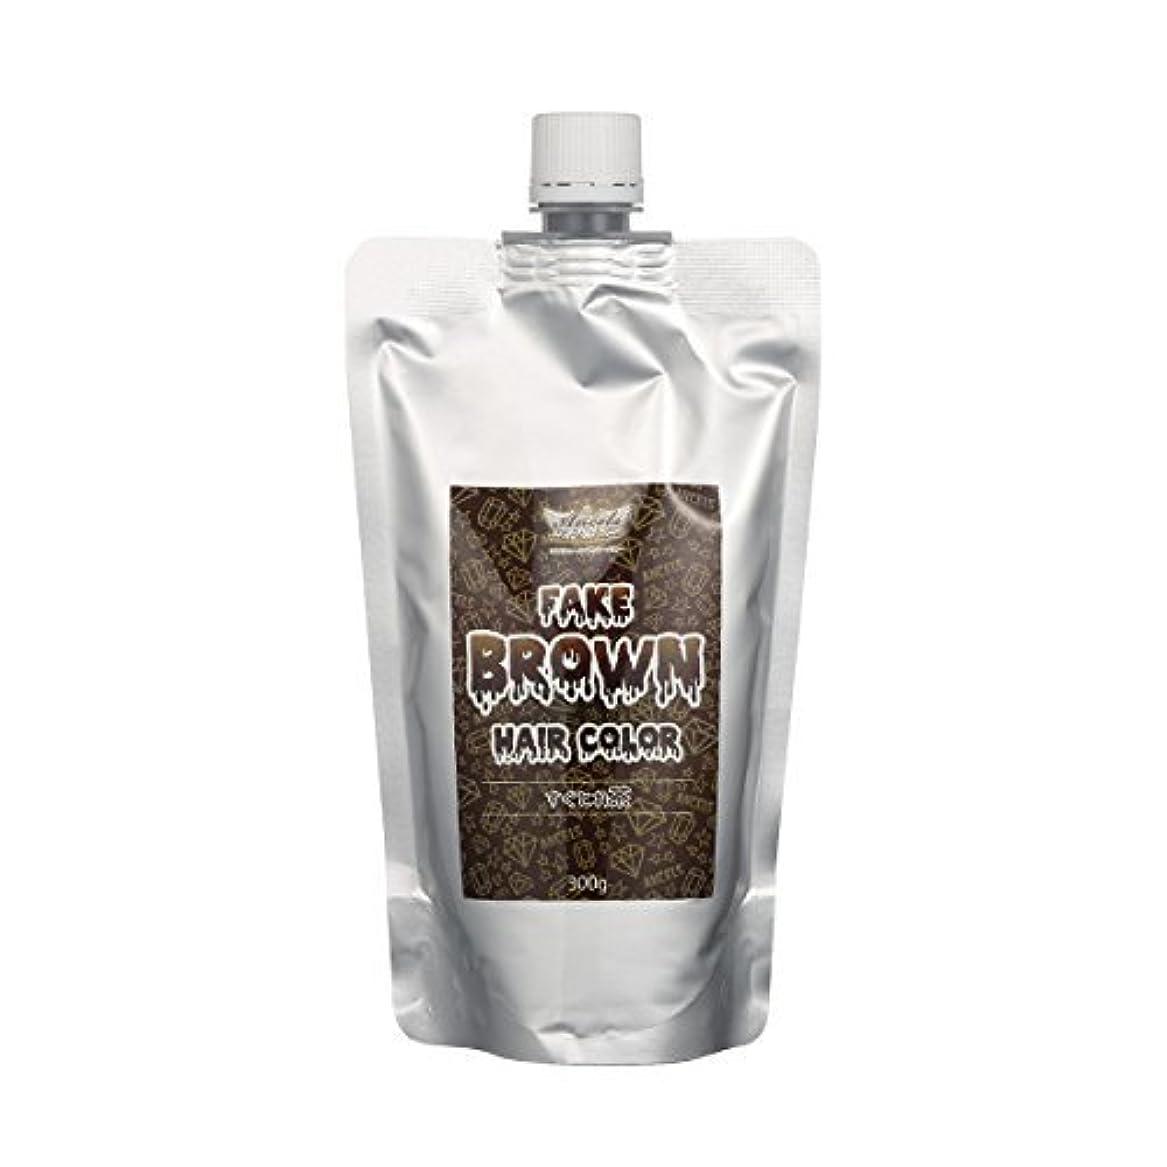 ためらう変化する生息地エンシェールズ カラーバター すぐとれ 茶 300g